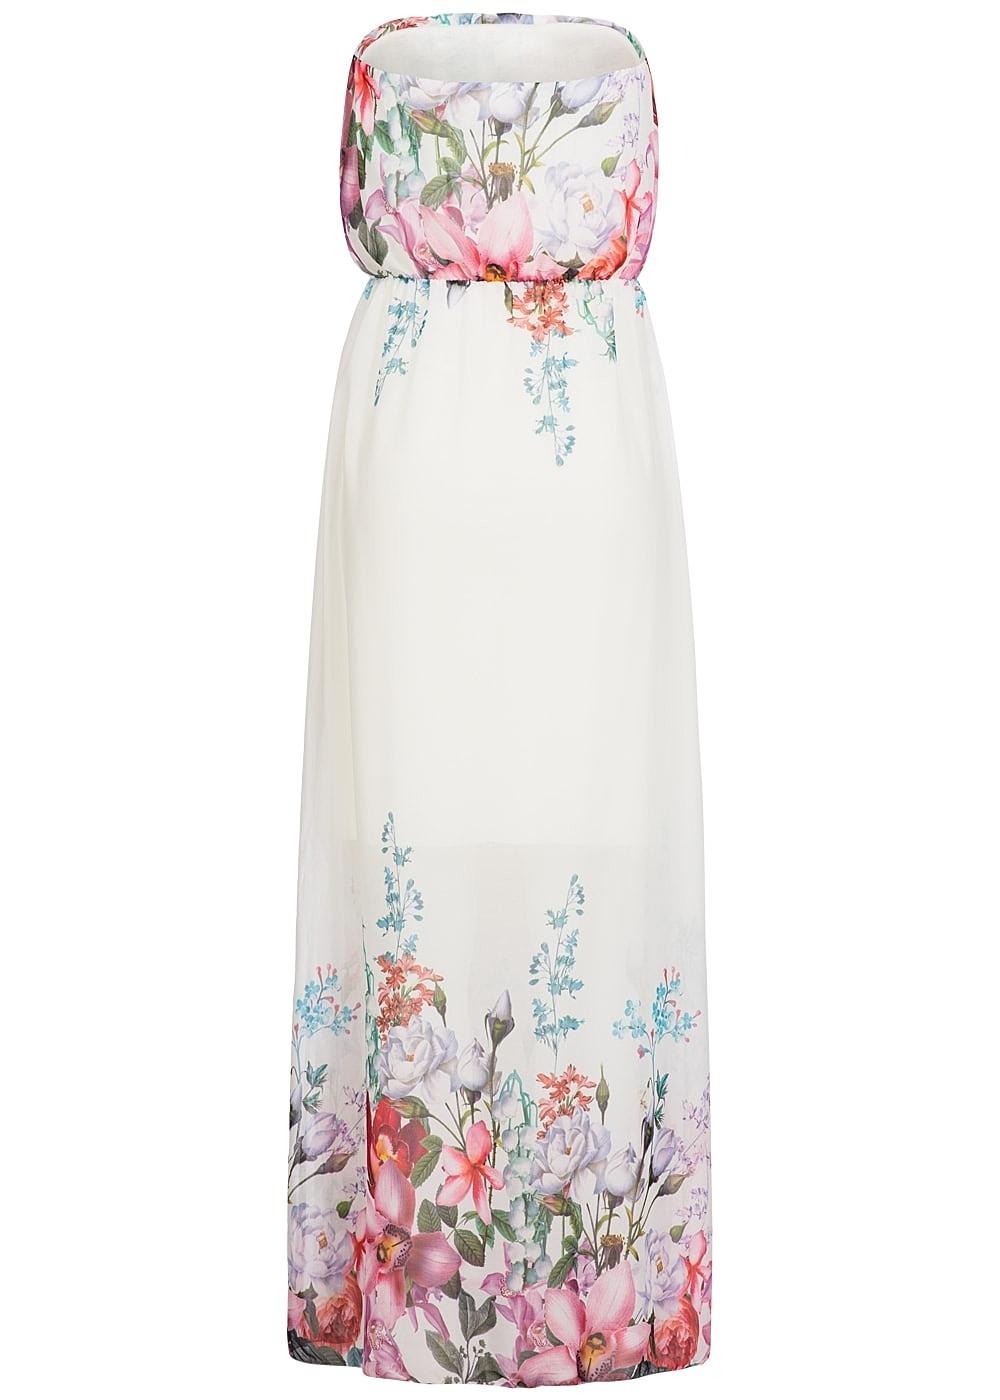 Abend Luxurius Kleid Weiß Mit Blumen SpezialgebietFormal Perfekt Kleid Weiß Mit Blumen Galerie